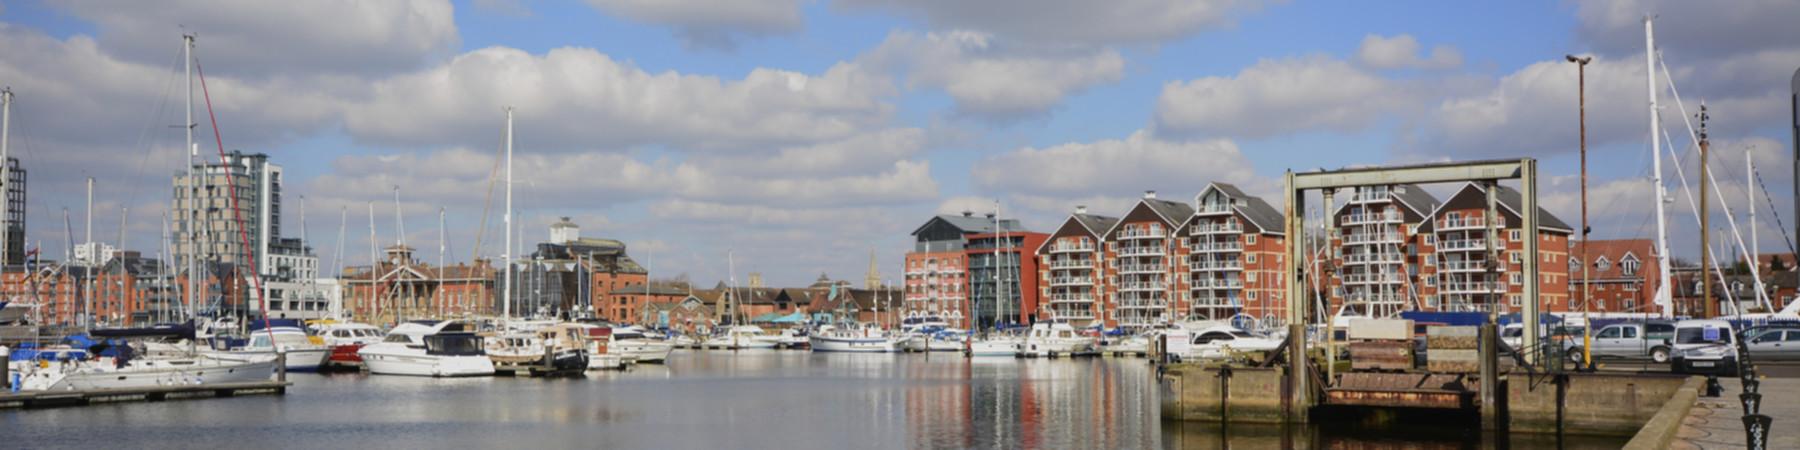 Ipswich_England_Banner.jpg